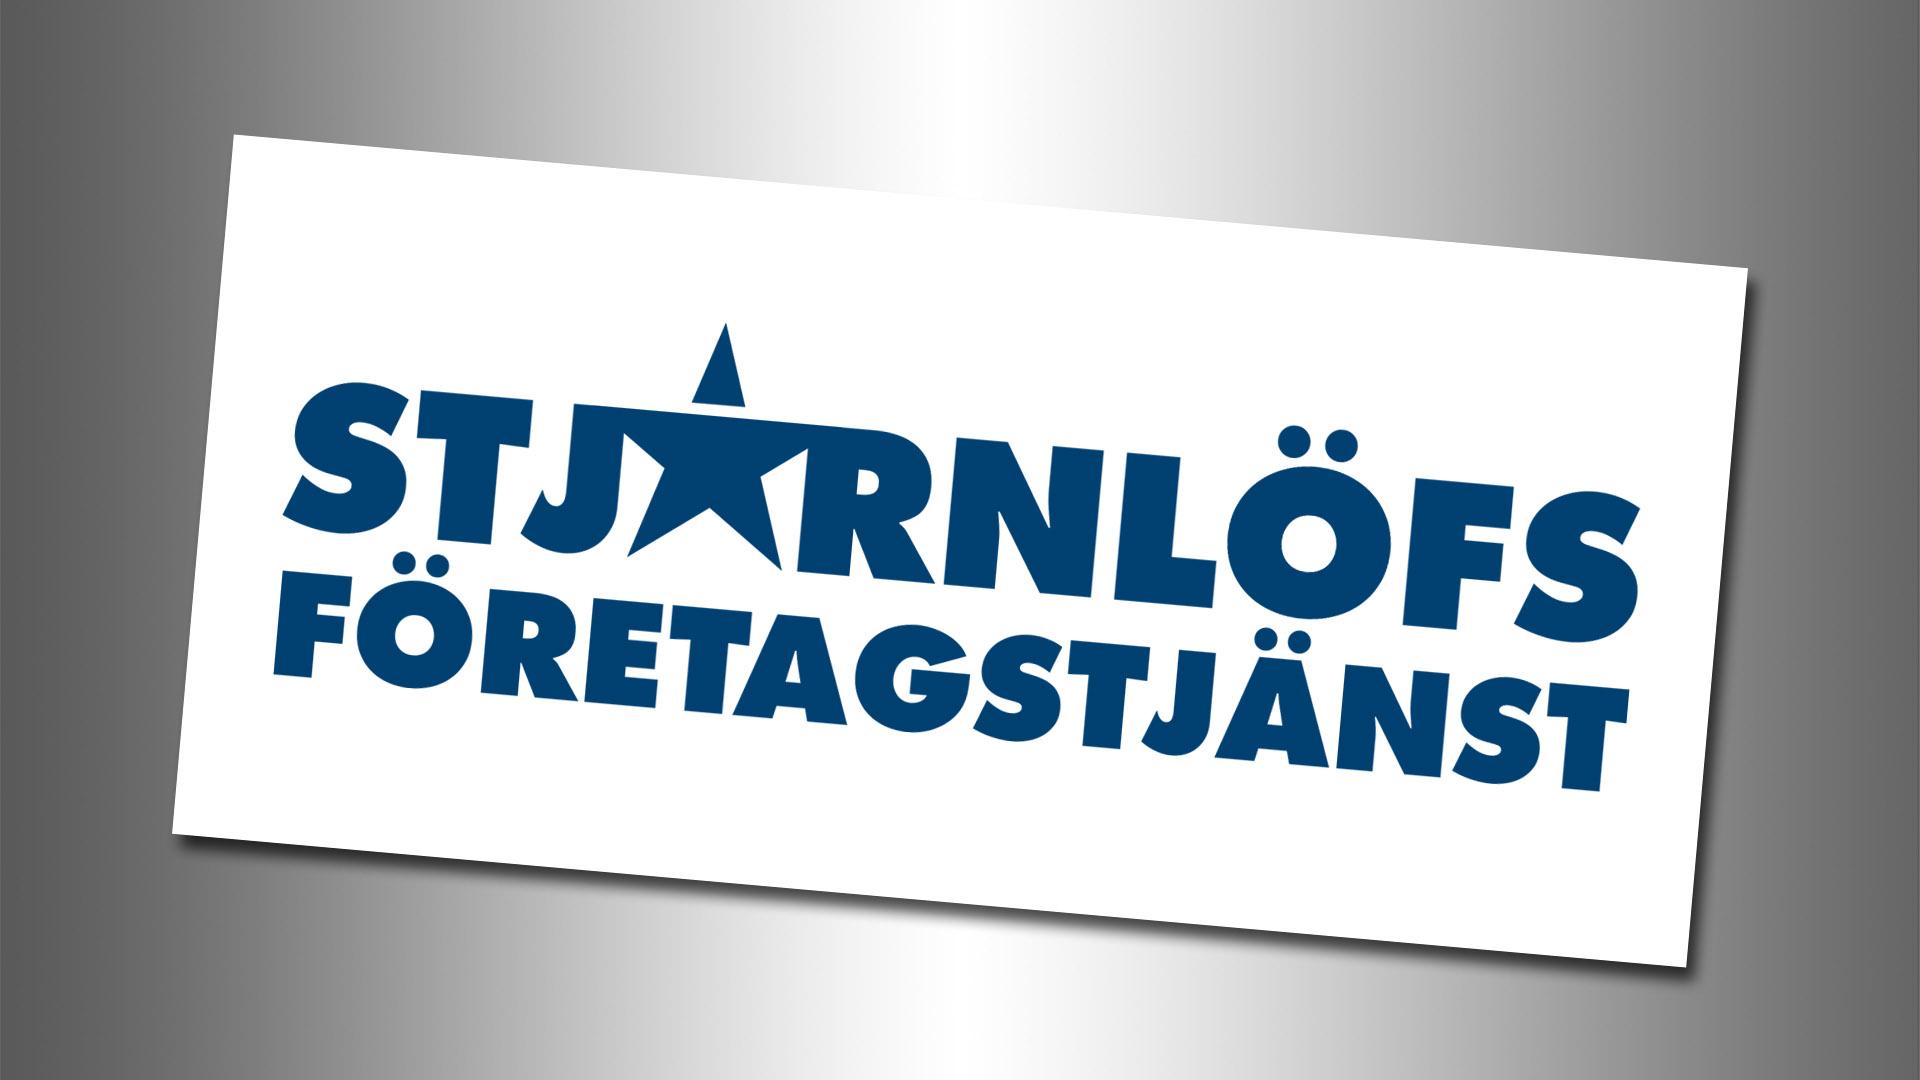 Stjärnlöfs Företagstjänst - Logotype